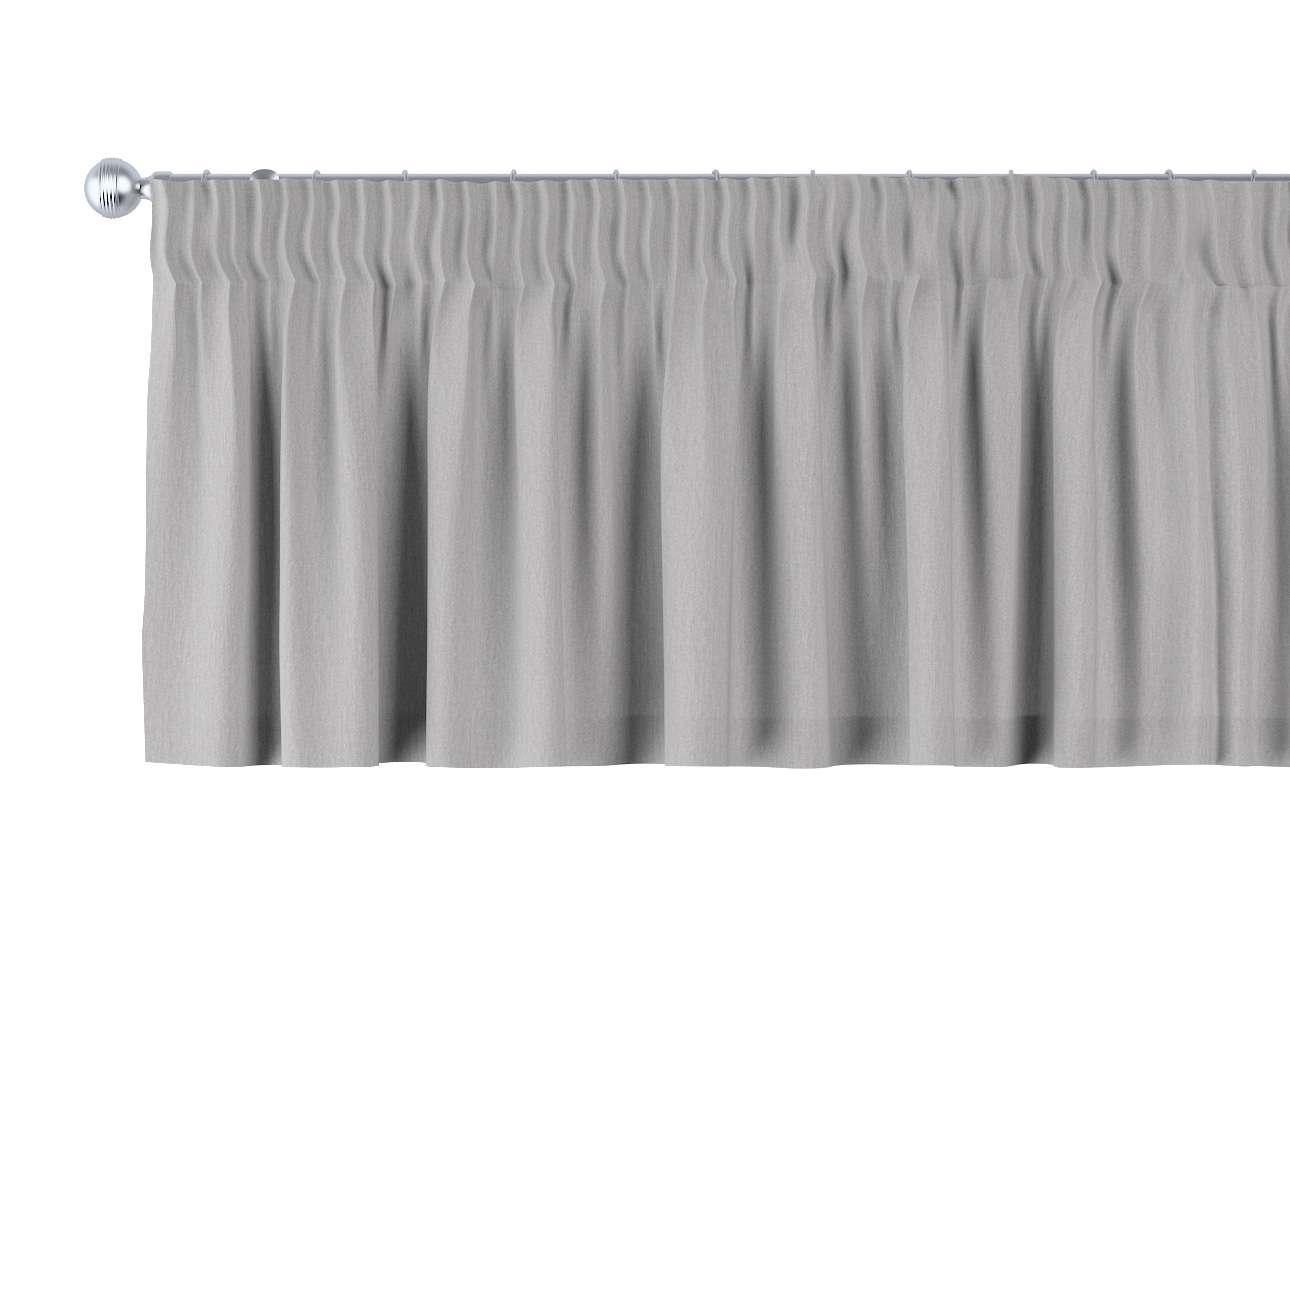 Lambrekin na taśmie marszczącej 130 x 40 cm w kolekcji Chenille, tkanina: 702-23